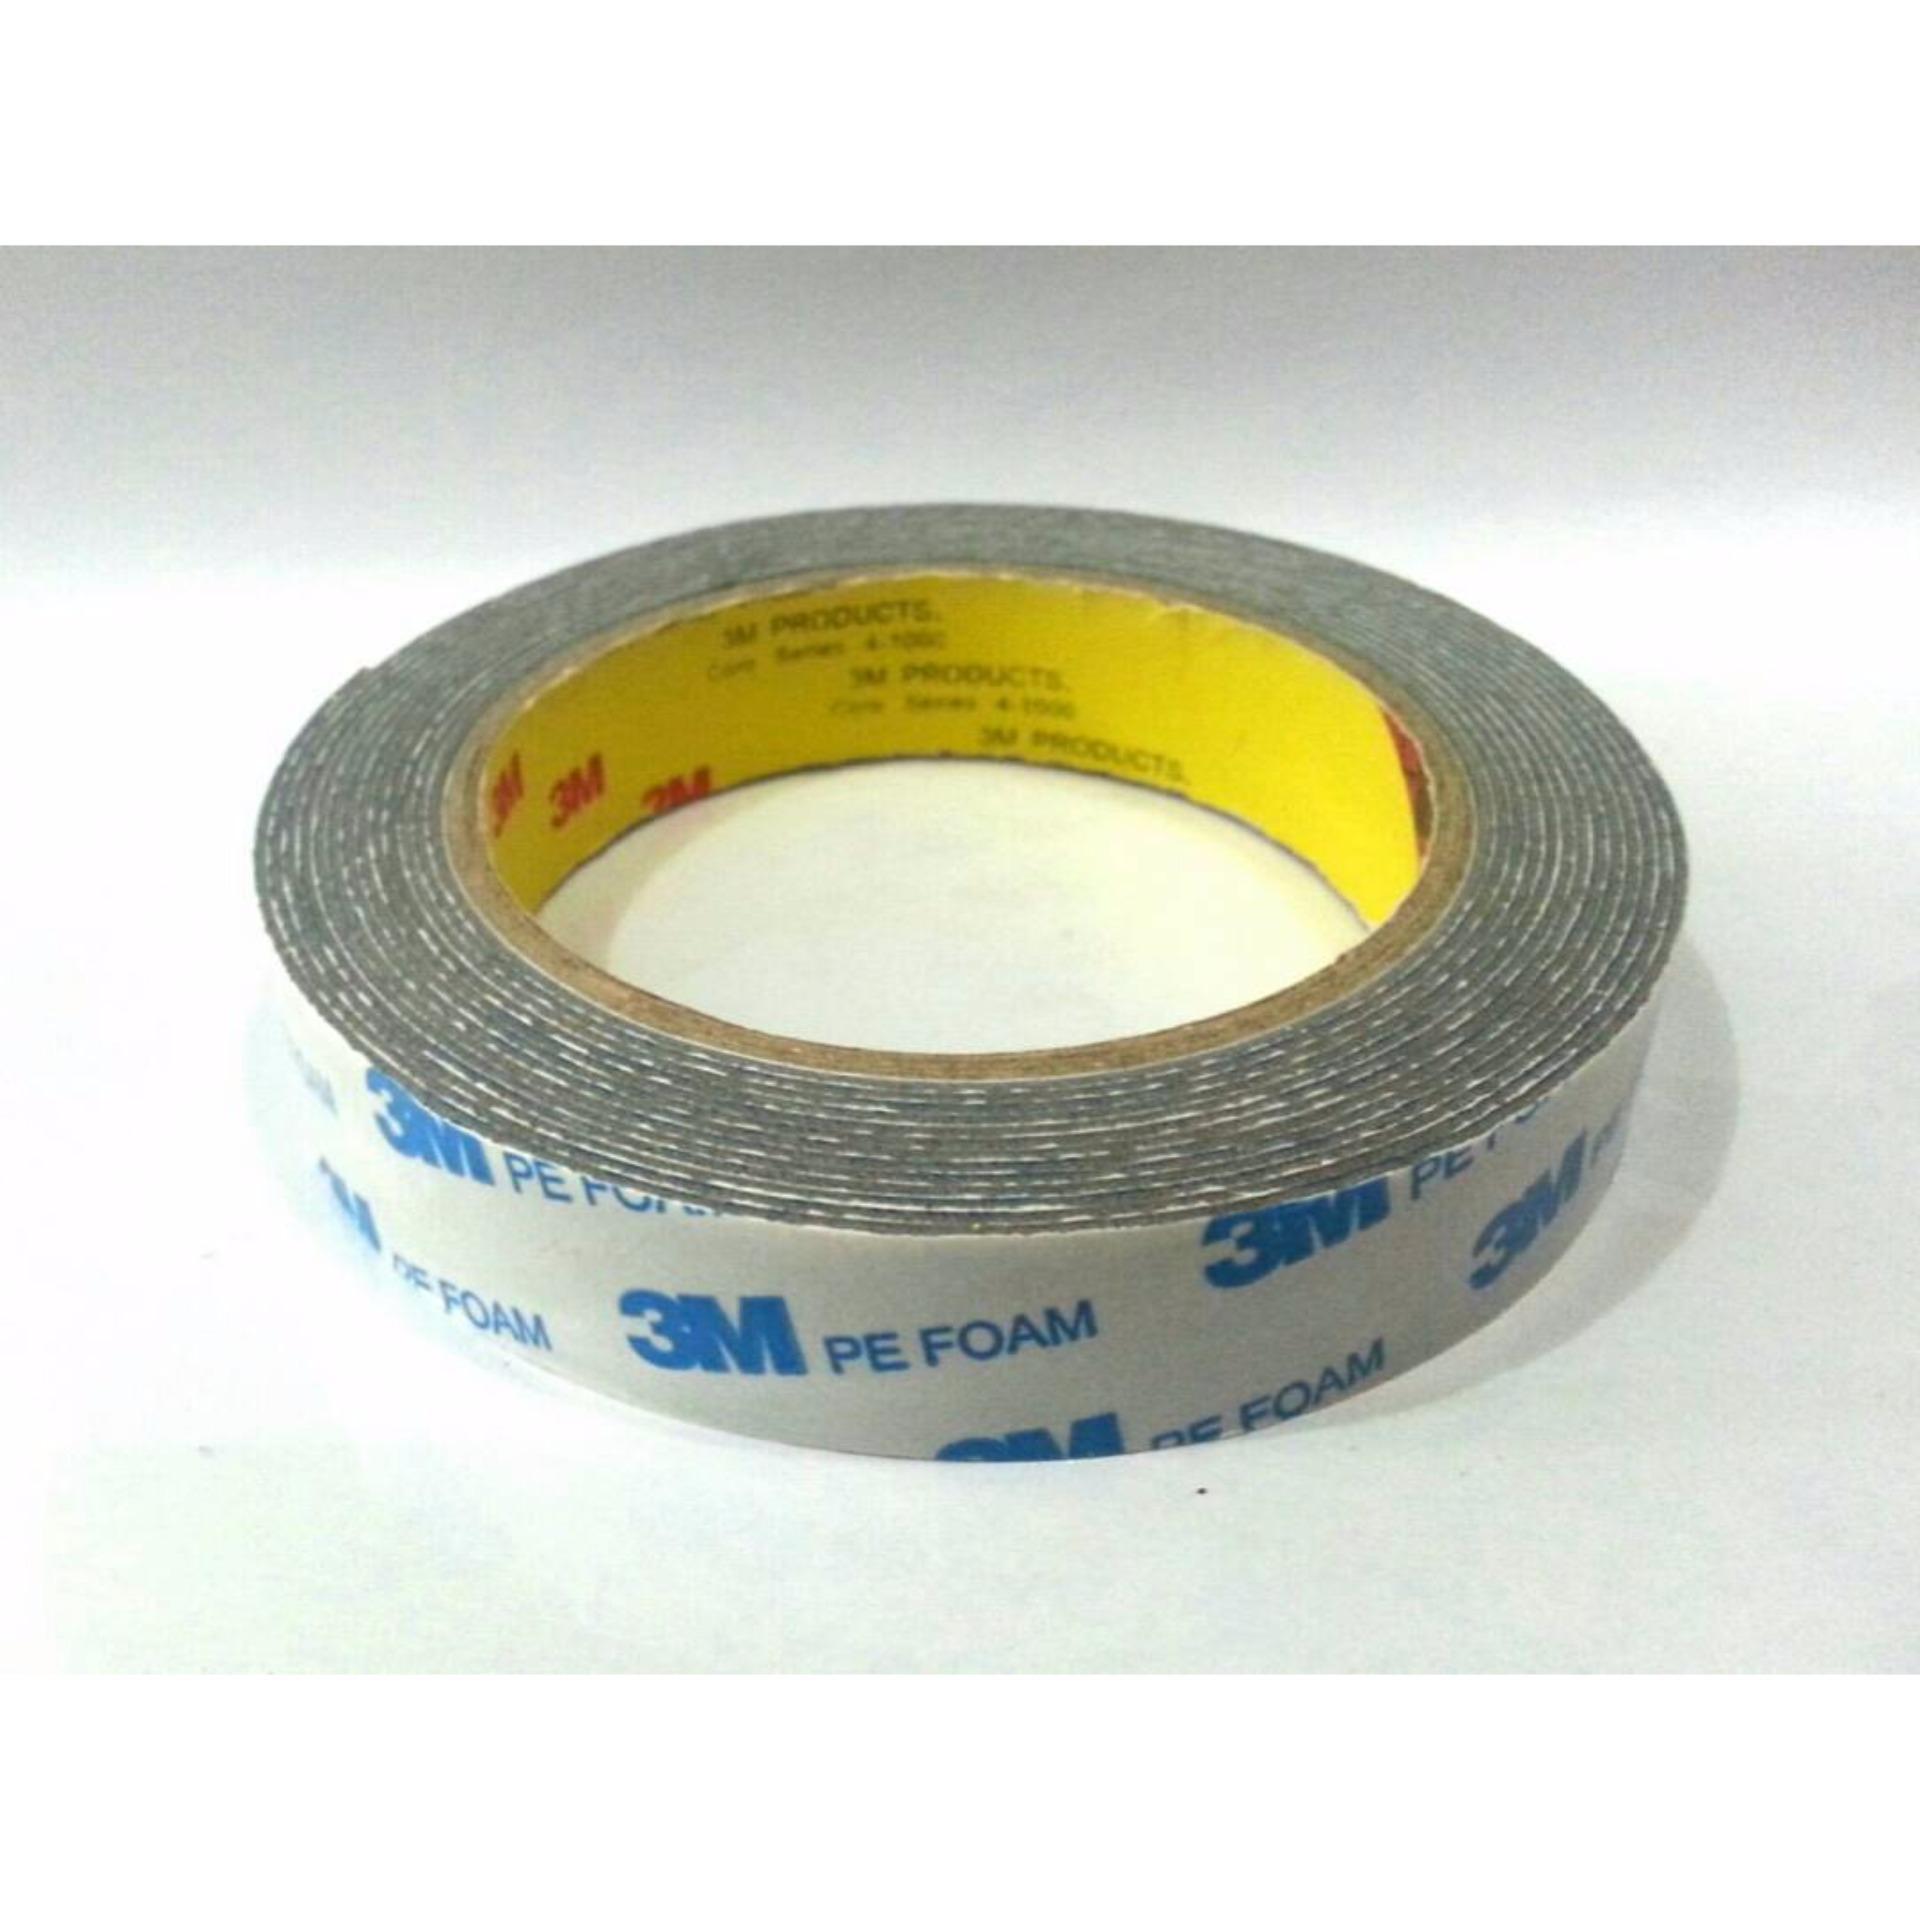 Double Tape Spons 3m Daftar Harga Terbaru Terlengkap Indonesia 9075i 7385c Coated Tissue Tapesize 12 Mm X 50 M 1 Each Putih